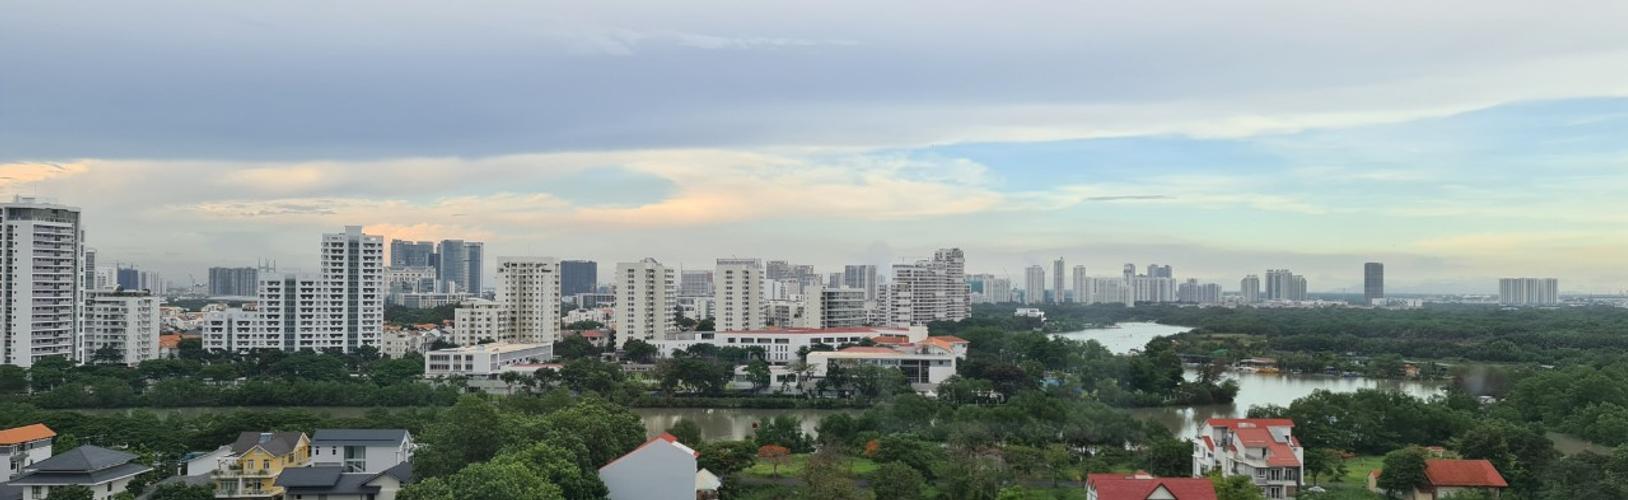 View Căn hộ Saigon South Residence tầng 12, không gian rộng rãi, thoáng mát.